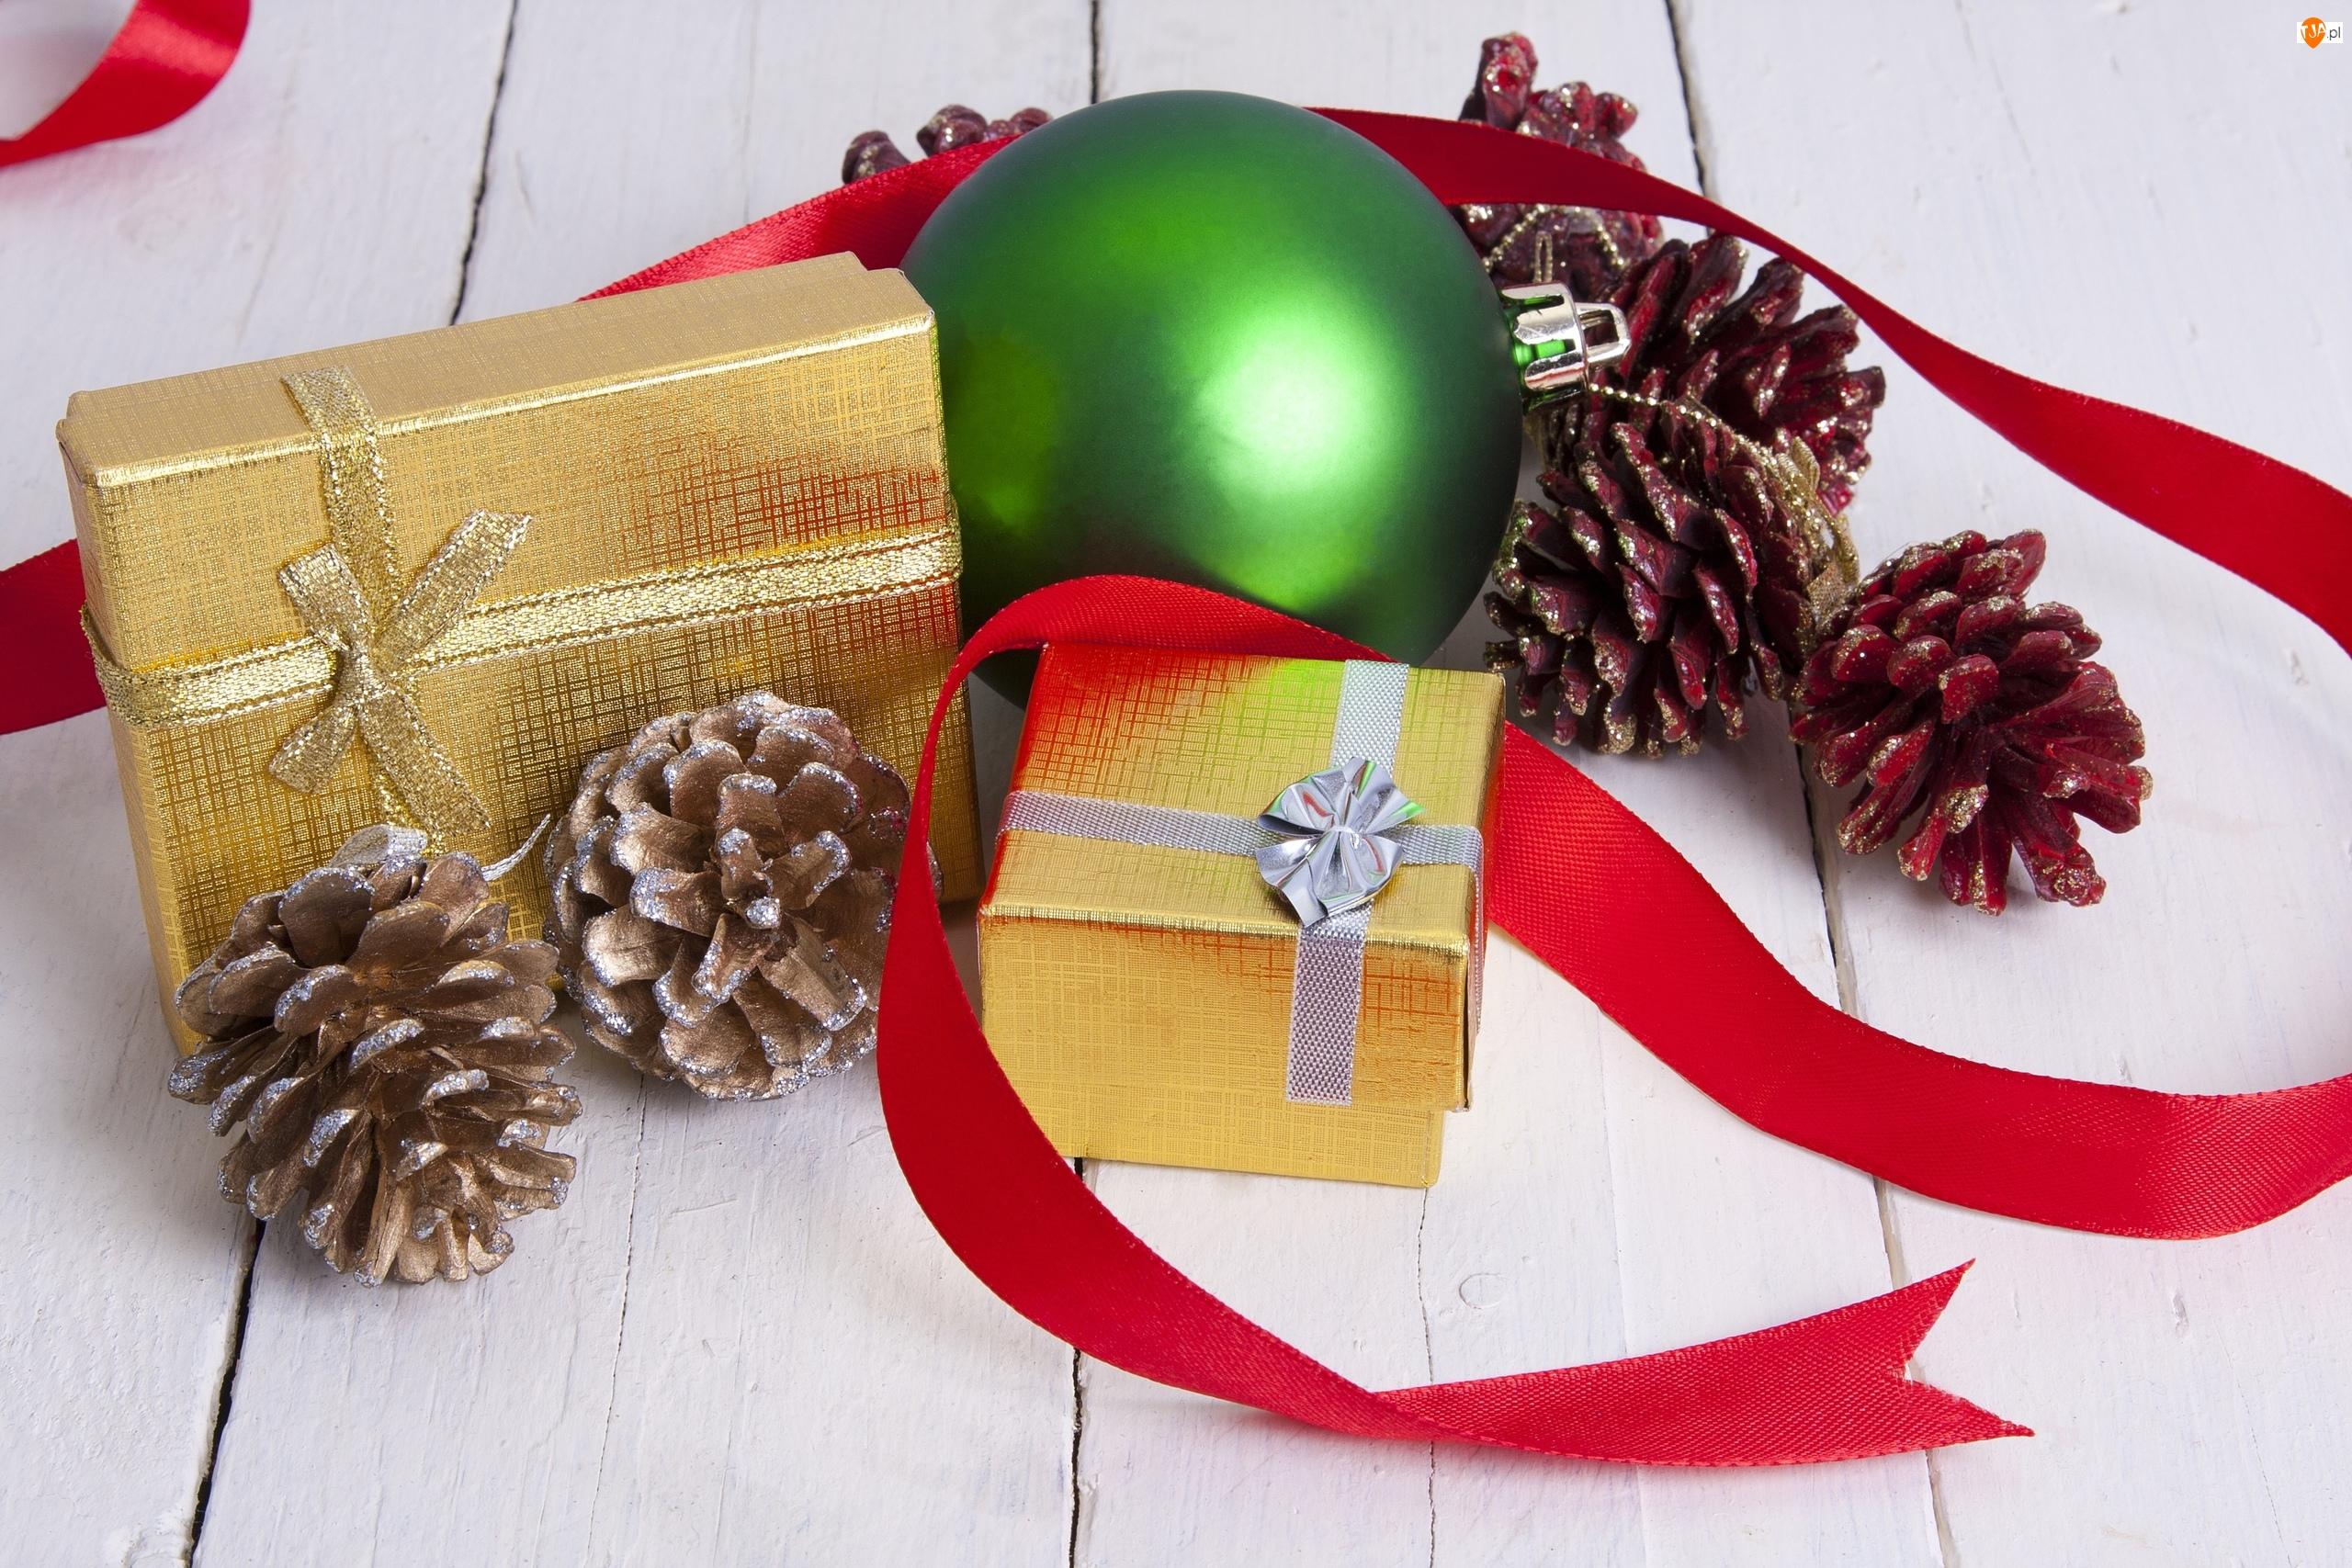 Szyszki, Boże Narodzenie, Bombka, Prezenty, Dekoracja